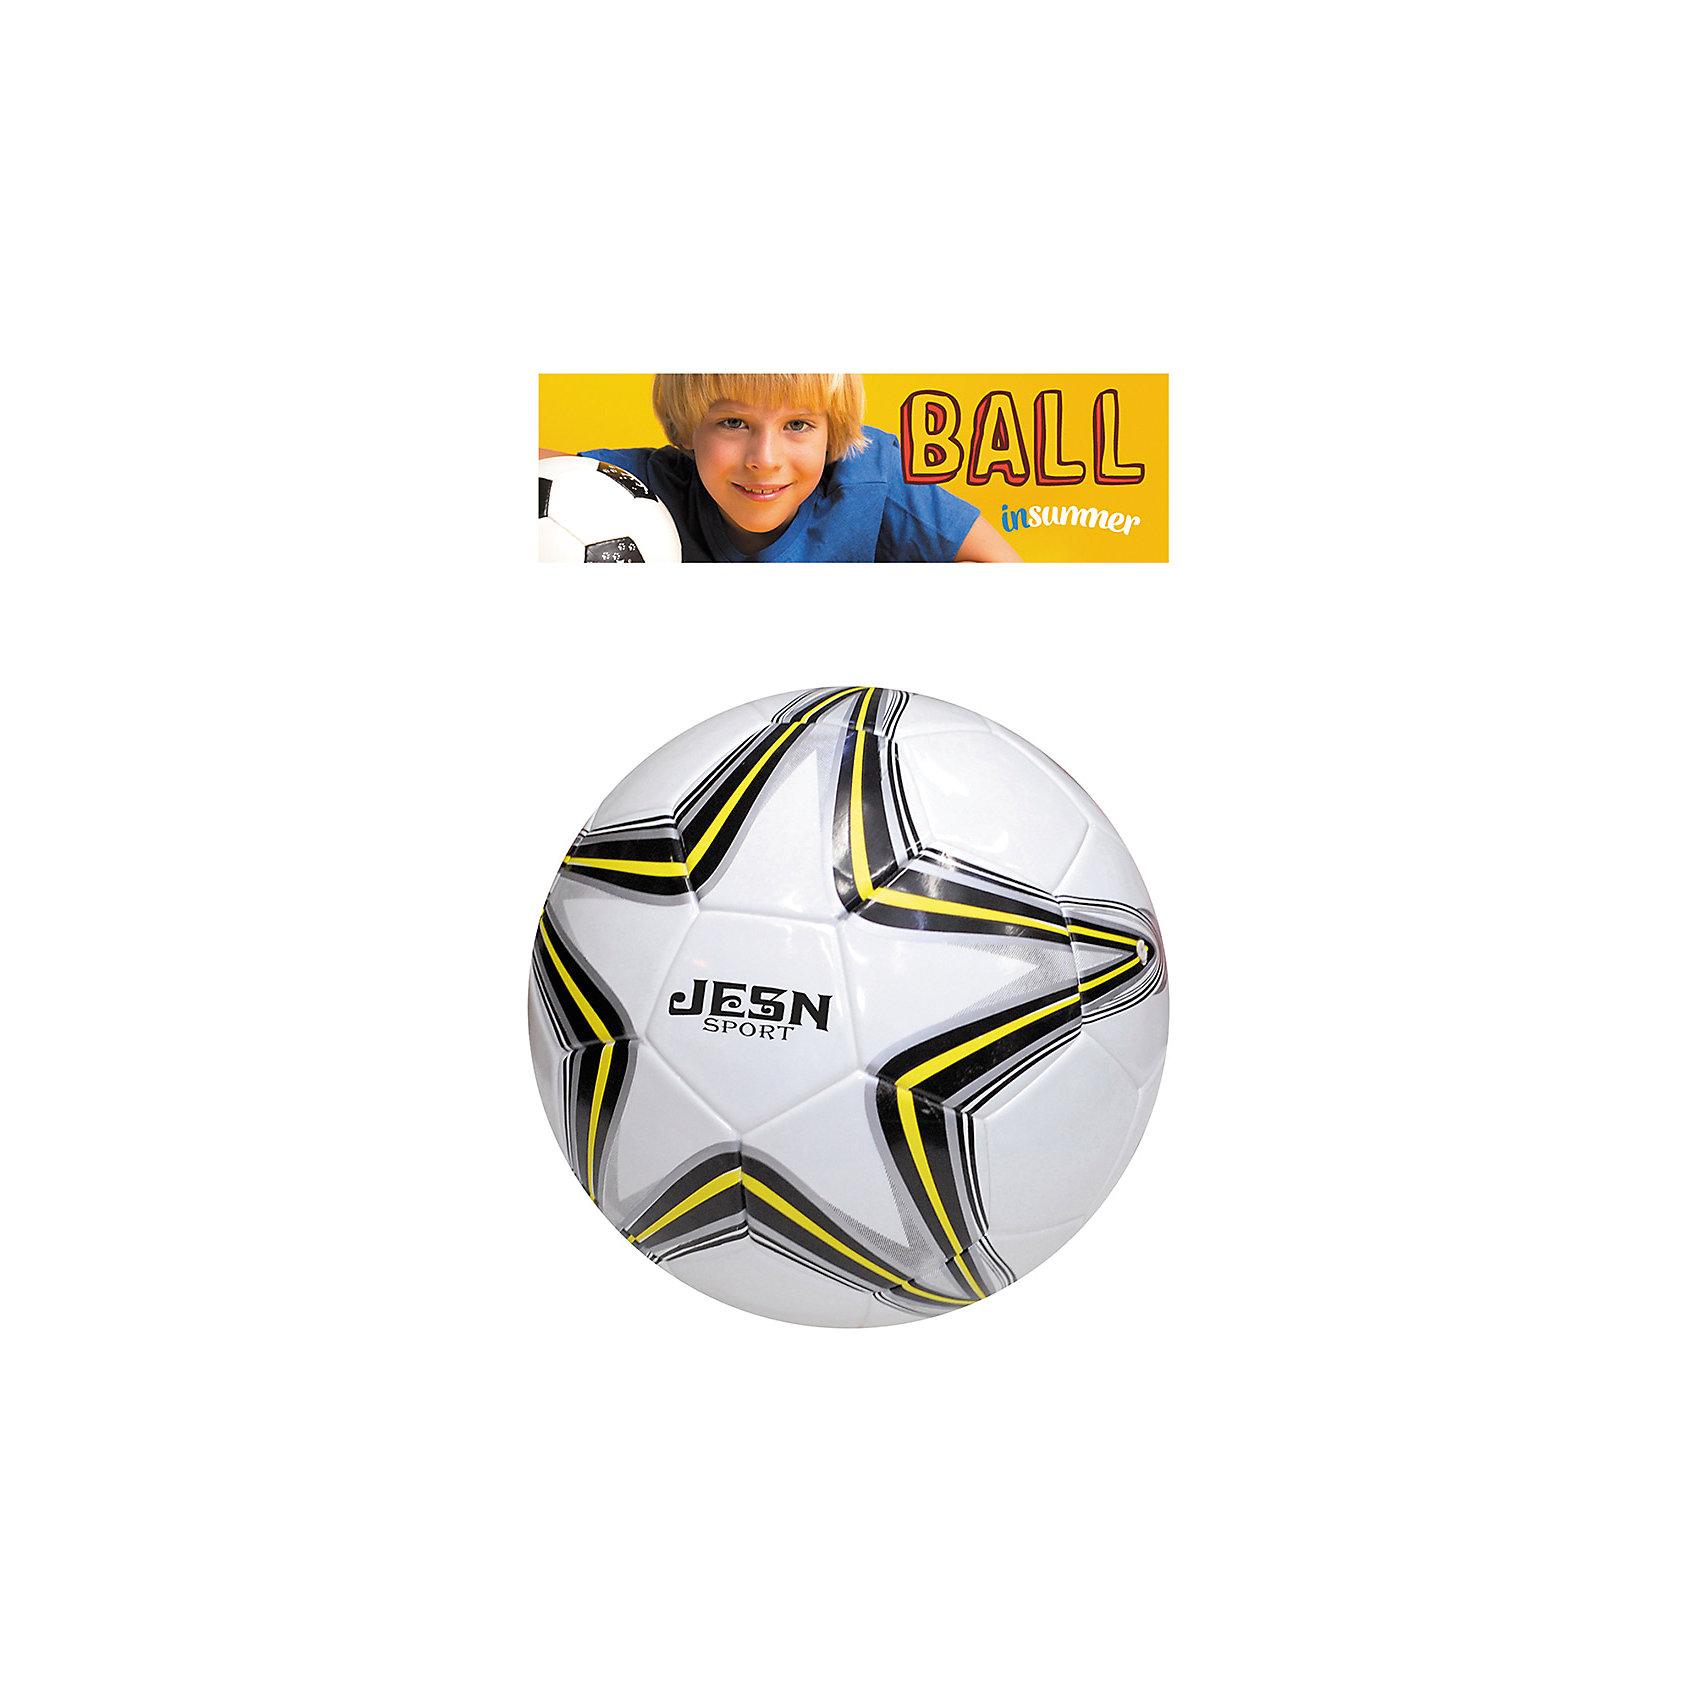 Футбольный мяч Профессионал, InSummerМяч Профессионал создан специально для любителей футбола. Он изготовлен из качественных материалов, обеспечивающих высокую прочность. Белый мяч украшен рисунком в форме звезды черно-желтого цвета. Прекрасный выбор для юных футболистов!<br><br>Дополнительная информация:<br>Размер упаковки: 27х27х15 см<br>Мяч Профессионал вы можете приобрести в нашем интернет-магазине.<br><br>Ширина мм: 120<br>Глубина мм: 1000<br>Высота мм: 250<br>Вес г: 400<br>Возраст от месяцев: 36<br>Возраст до месяцев: 192<br>Пол: Унисекс<br>Возраст: Детский<br>SKU: 4753592